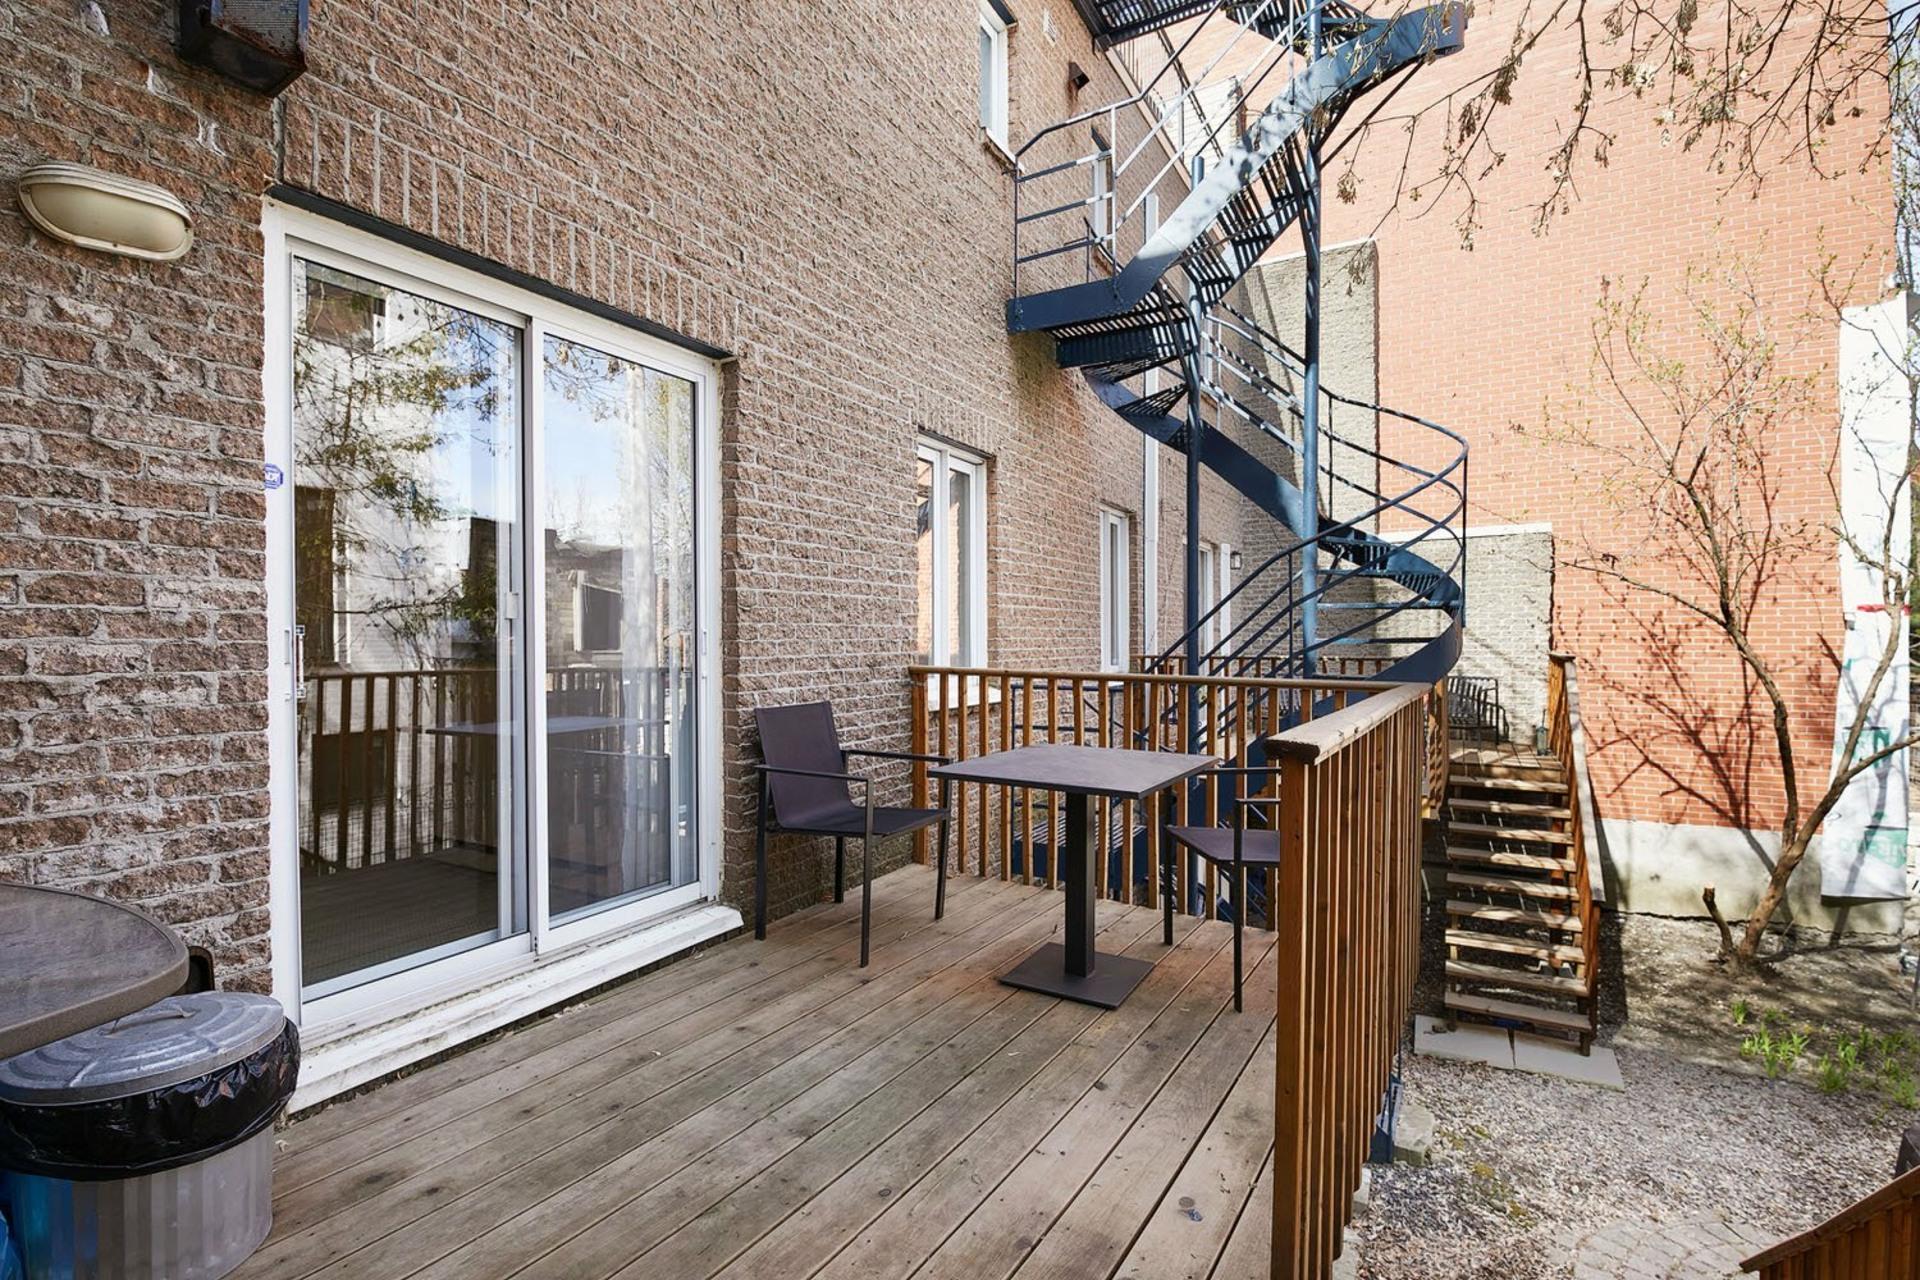 image 14 - Appartement À vendre Le Plateau-Mont-Royal Montréal  - 6 pièces